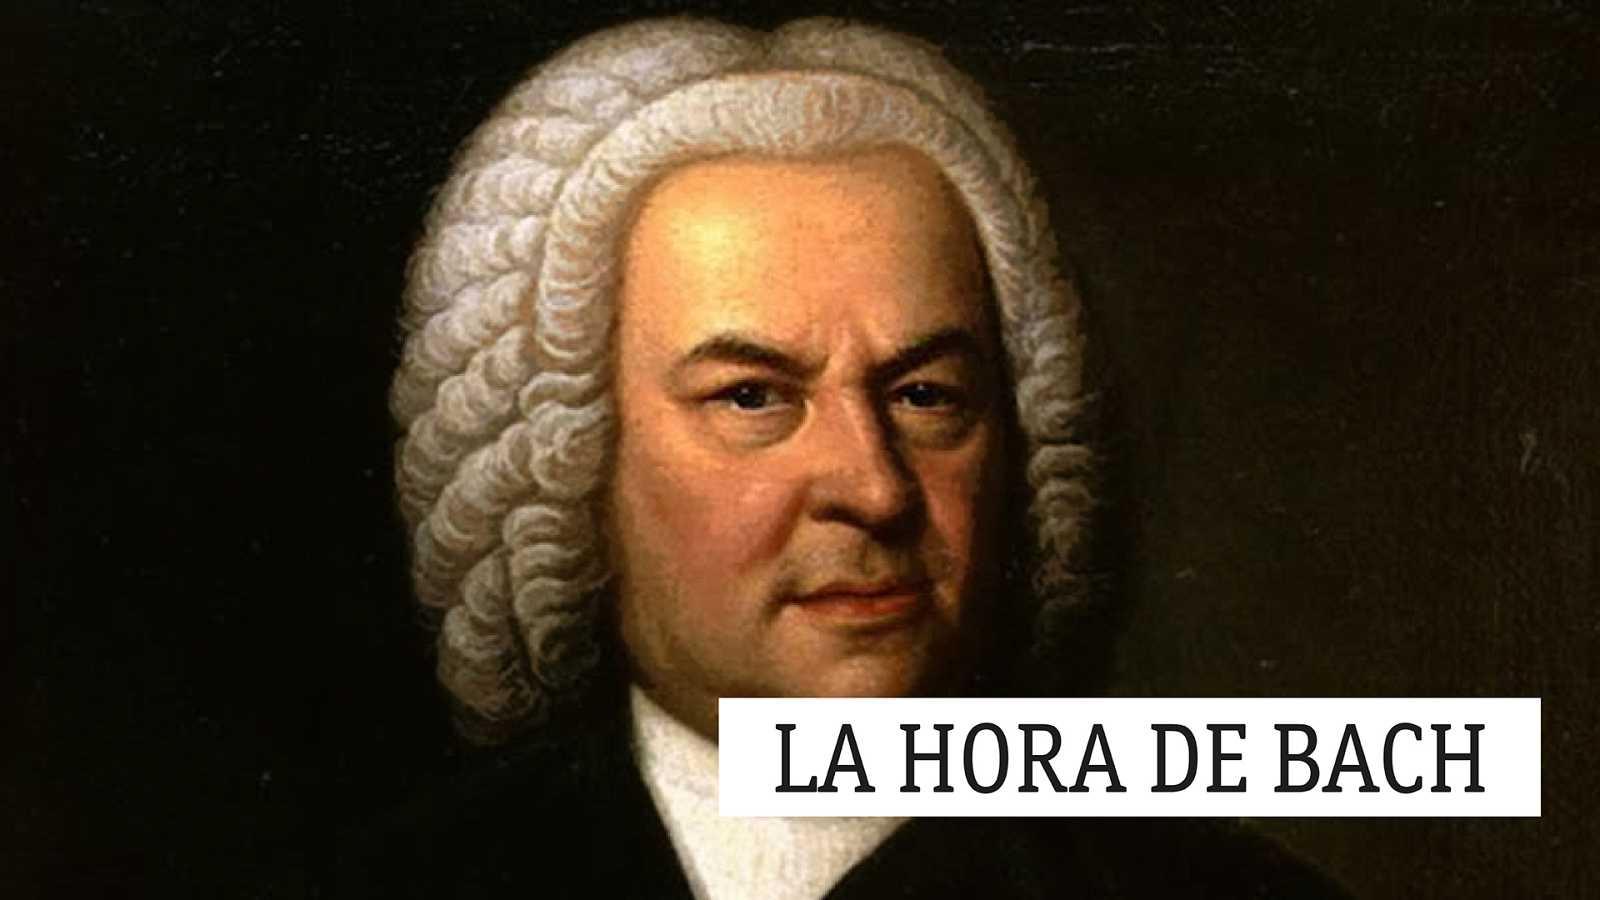 La hora de Bach - 28/11/20 - escuchar ahora